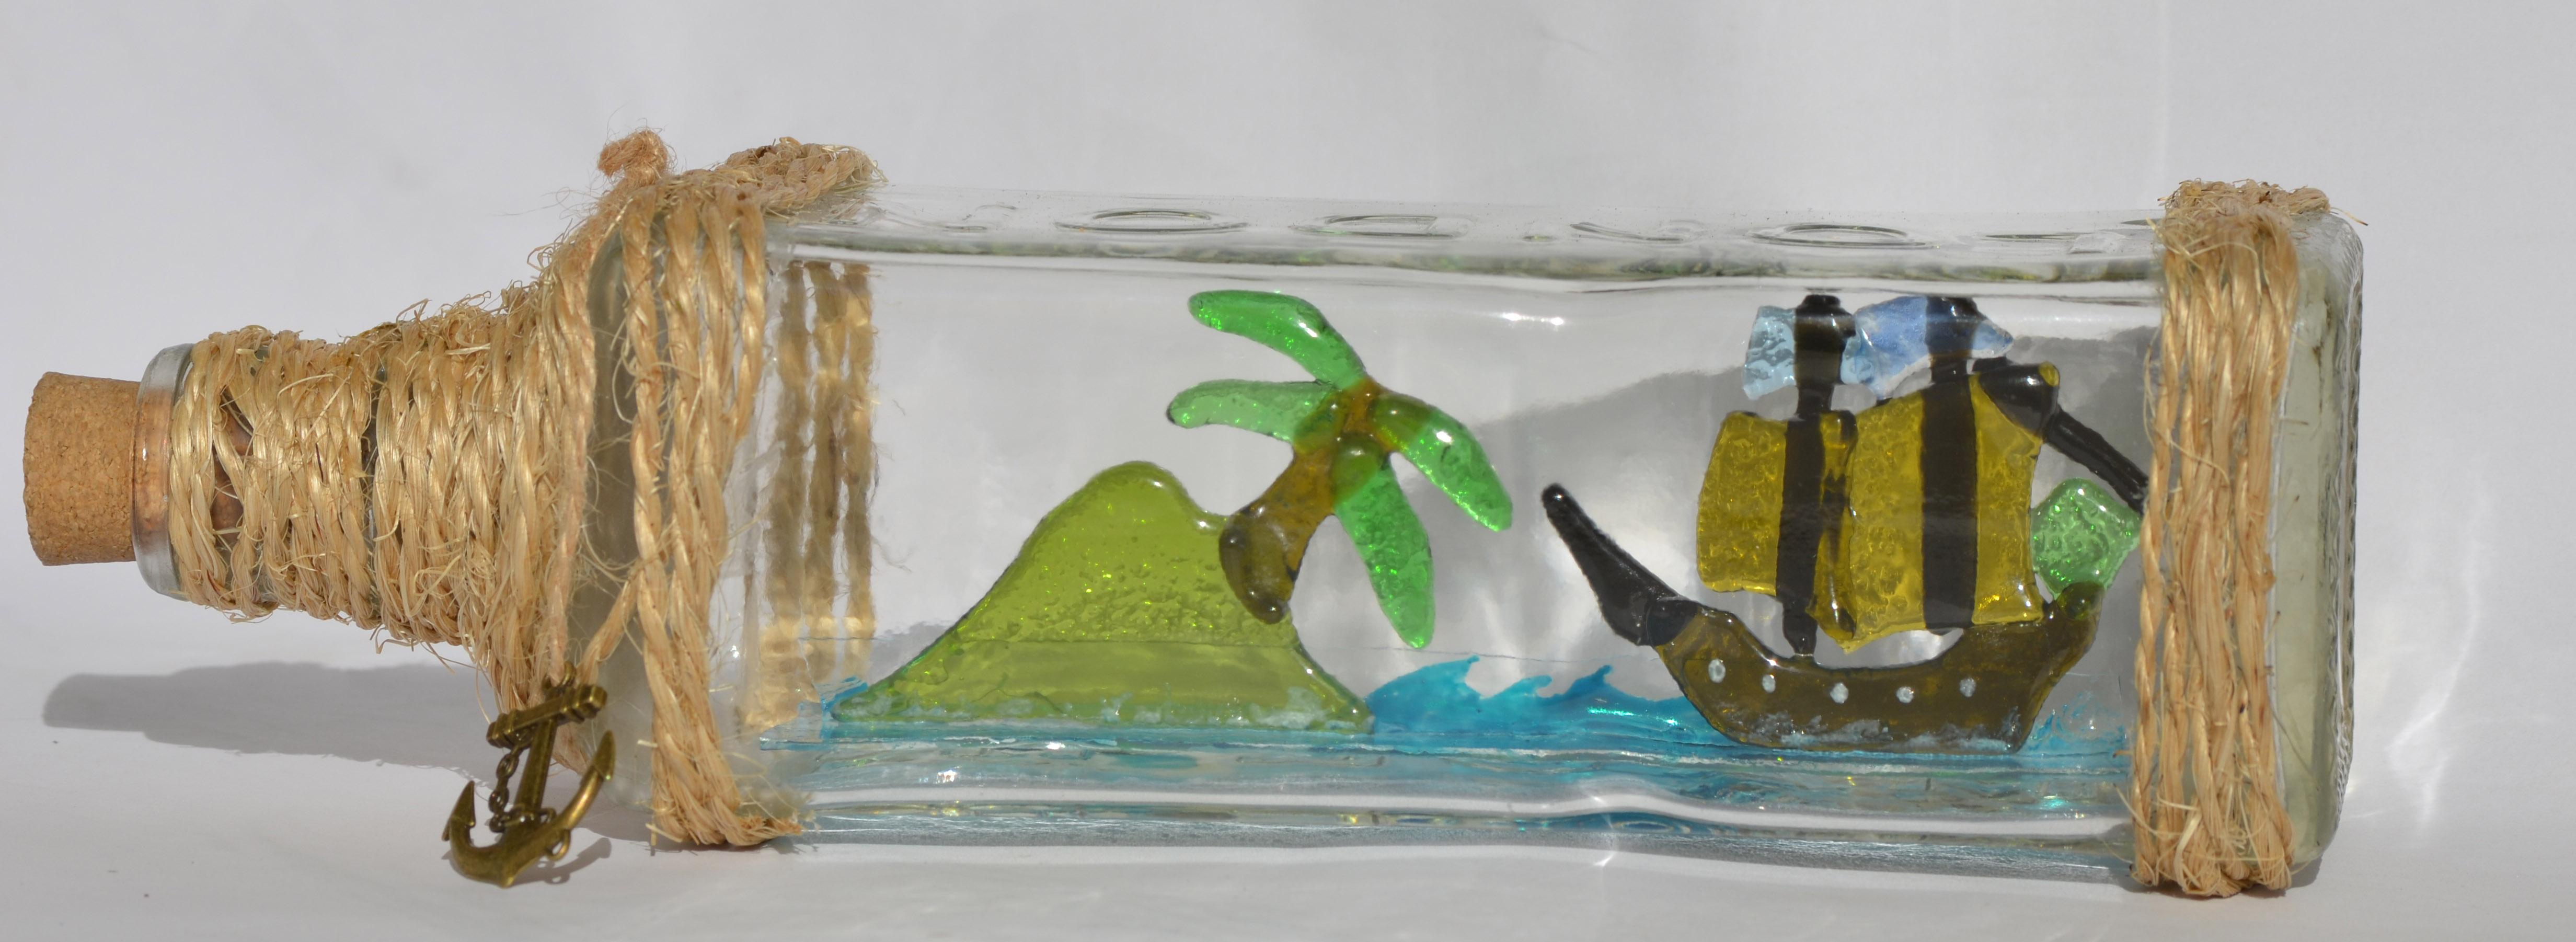 Tejeluz, arte en vidrio